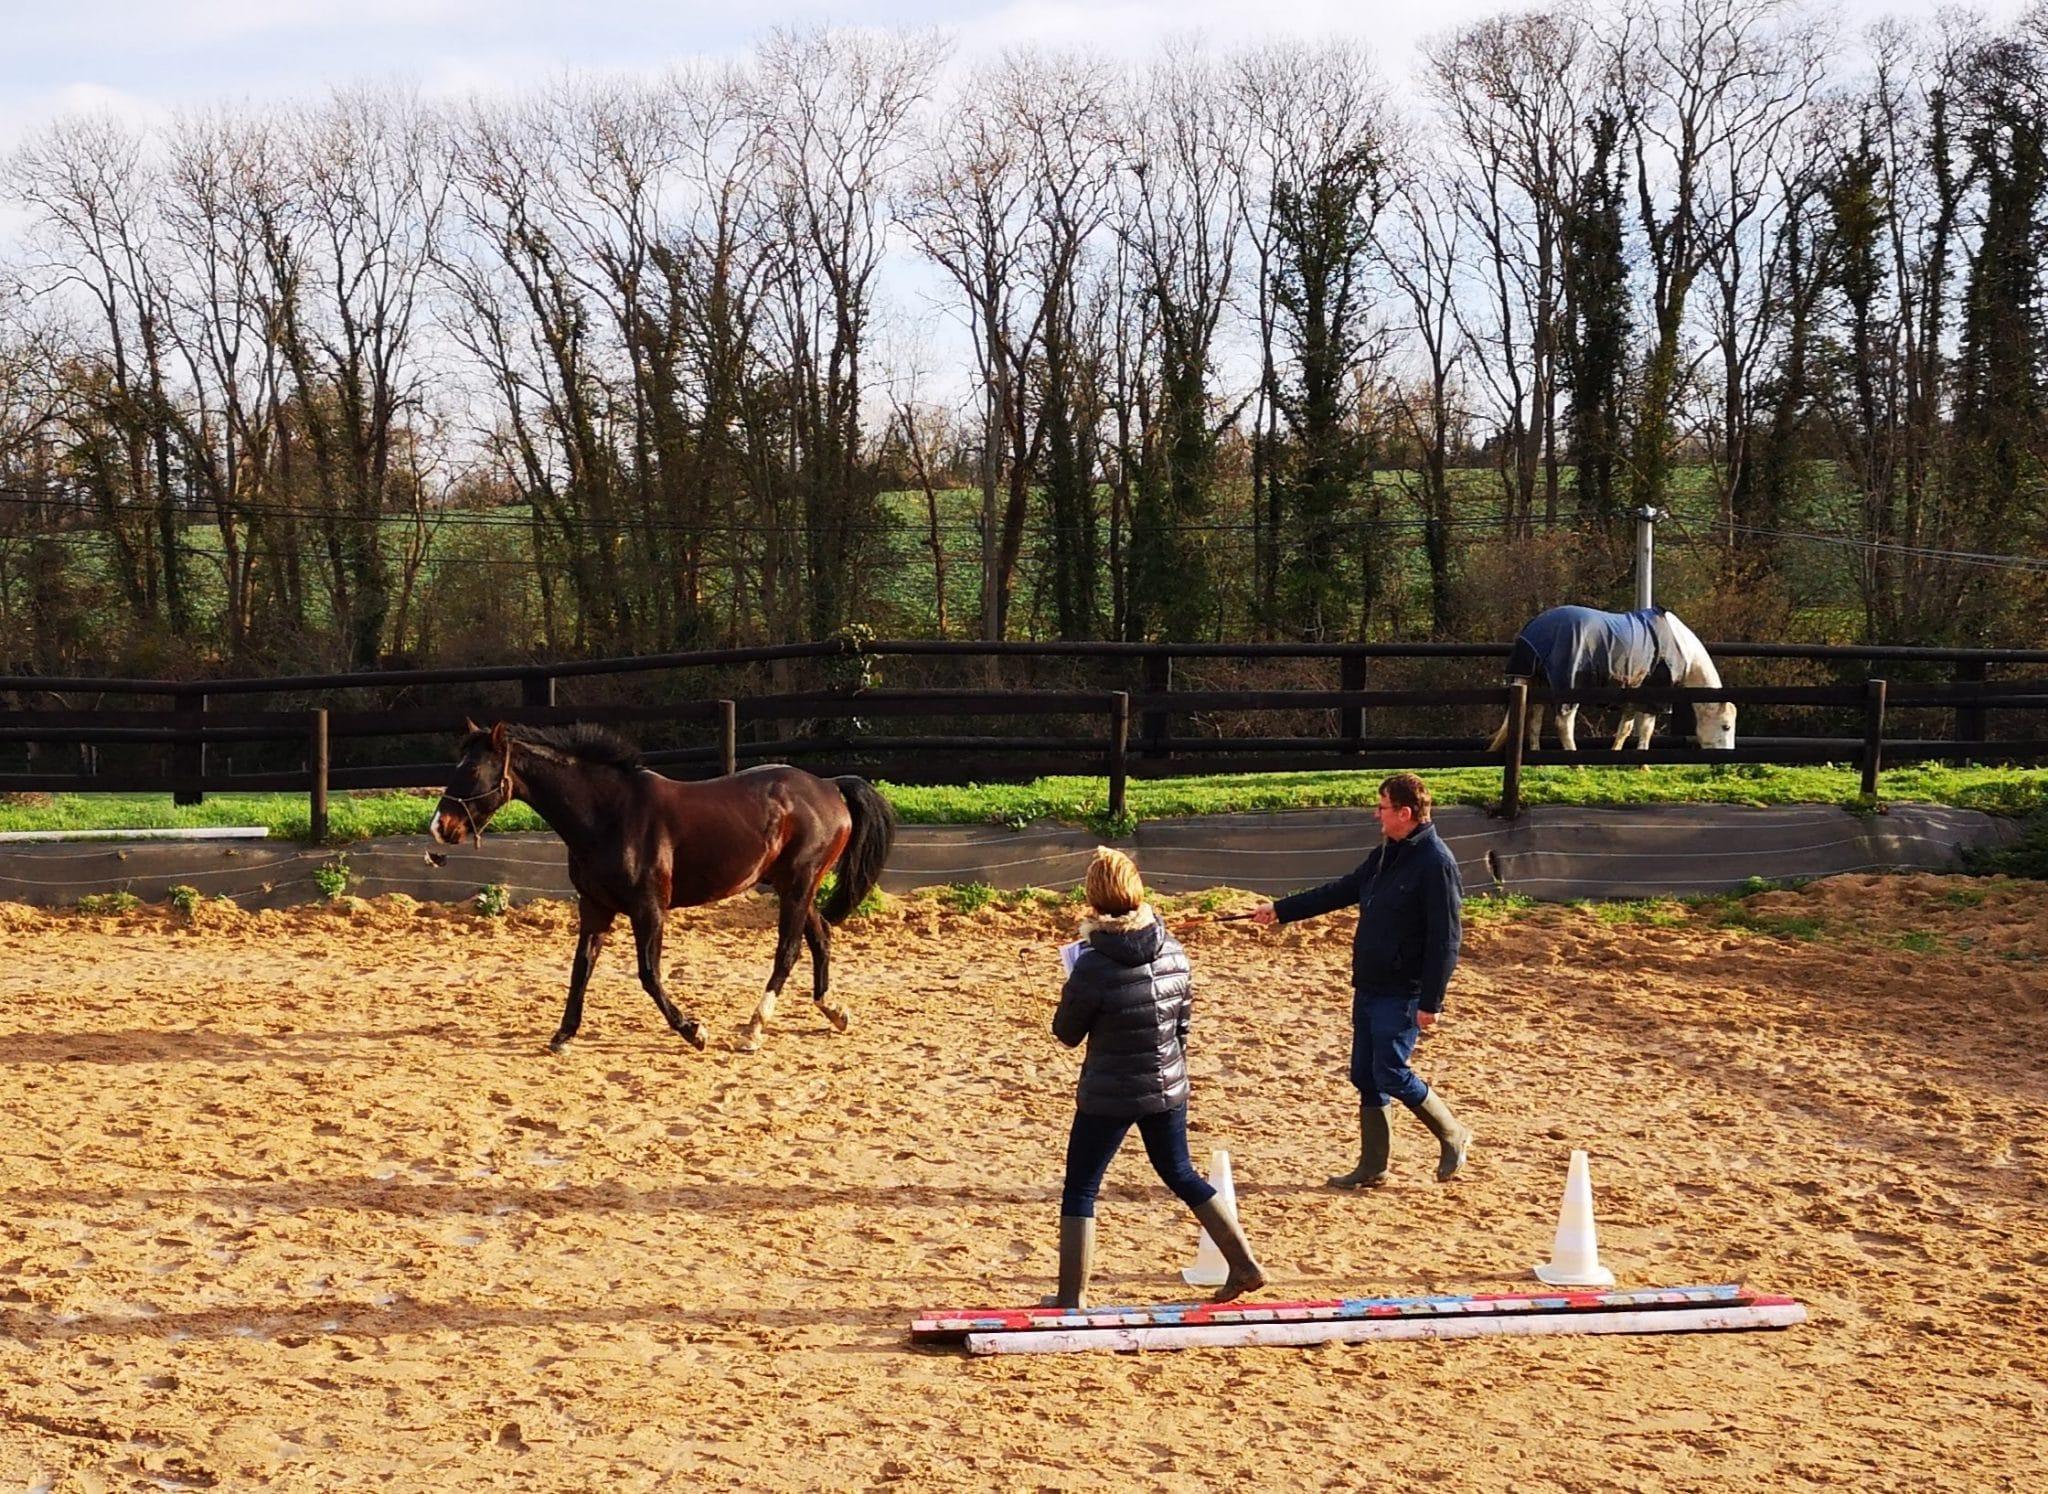 En effet, les chevaux obéissent à une hiérarchie entre eux. Mais contrairement à ce que l'on pourrait penser, celle-ci ne fonctionne pas sur la reconnaissance d'un chef unique.